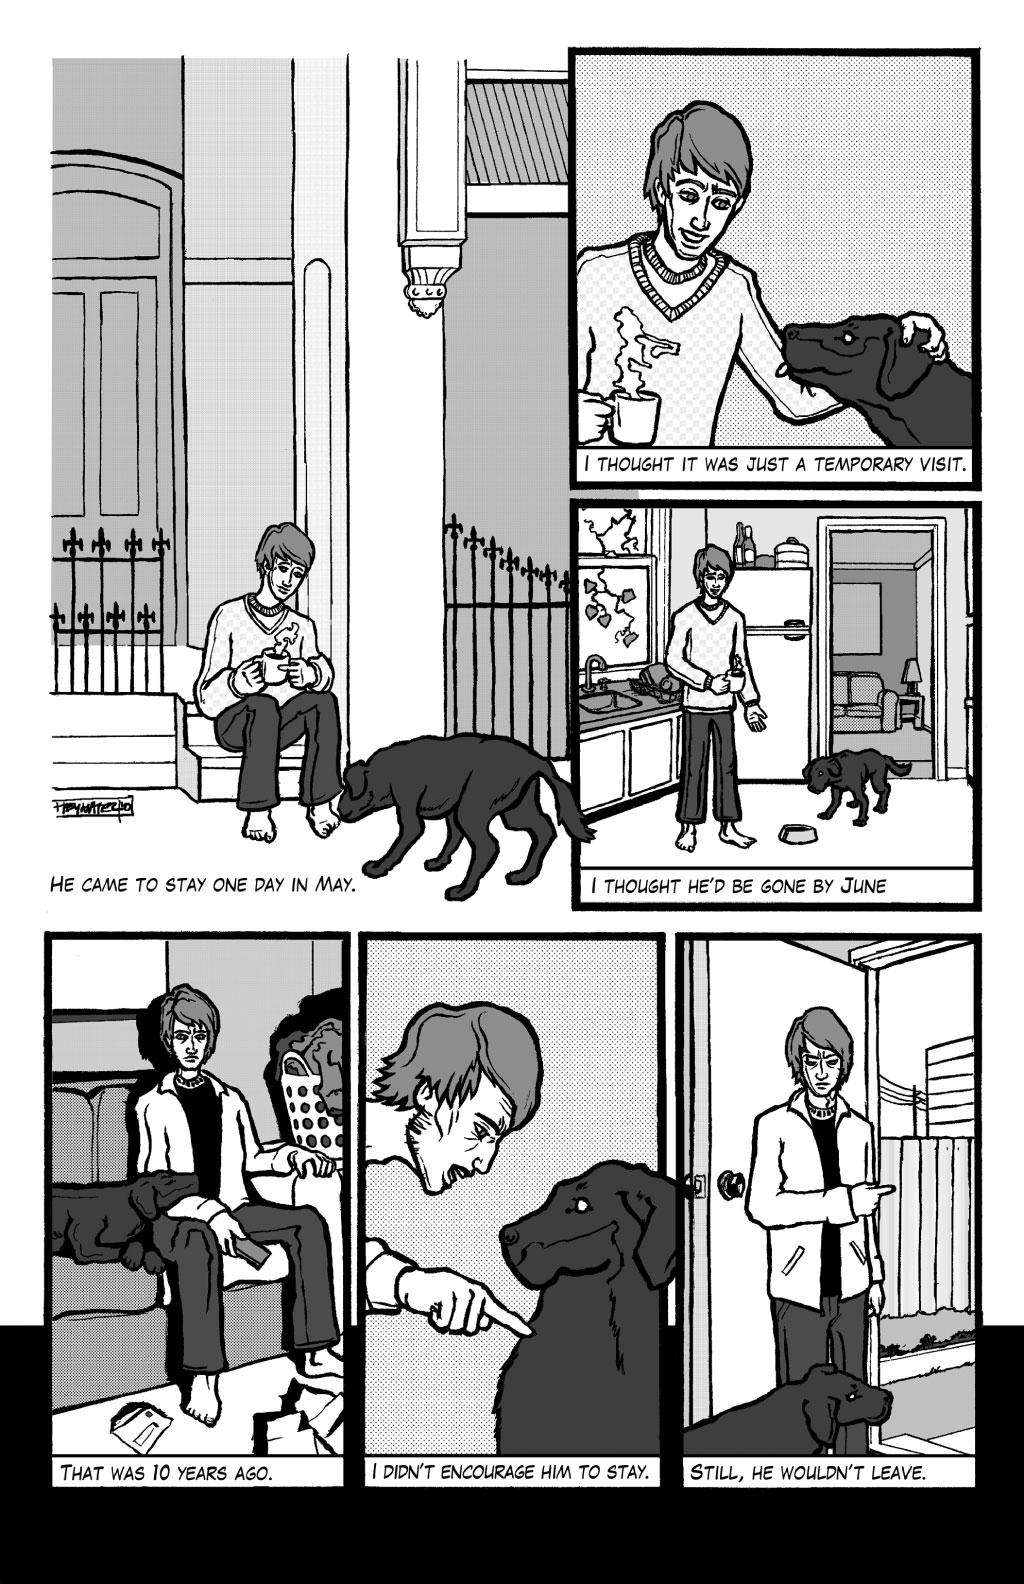 The-black-dog-must-die-2